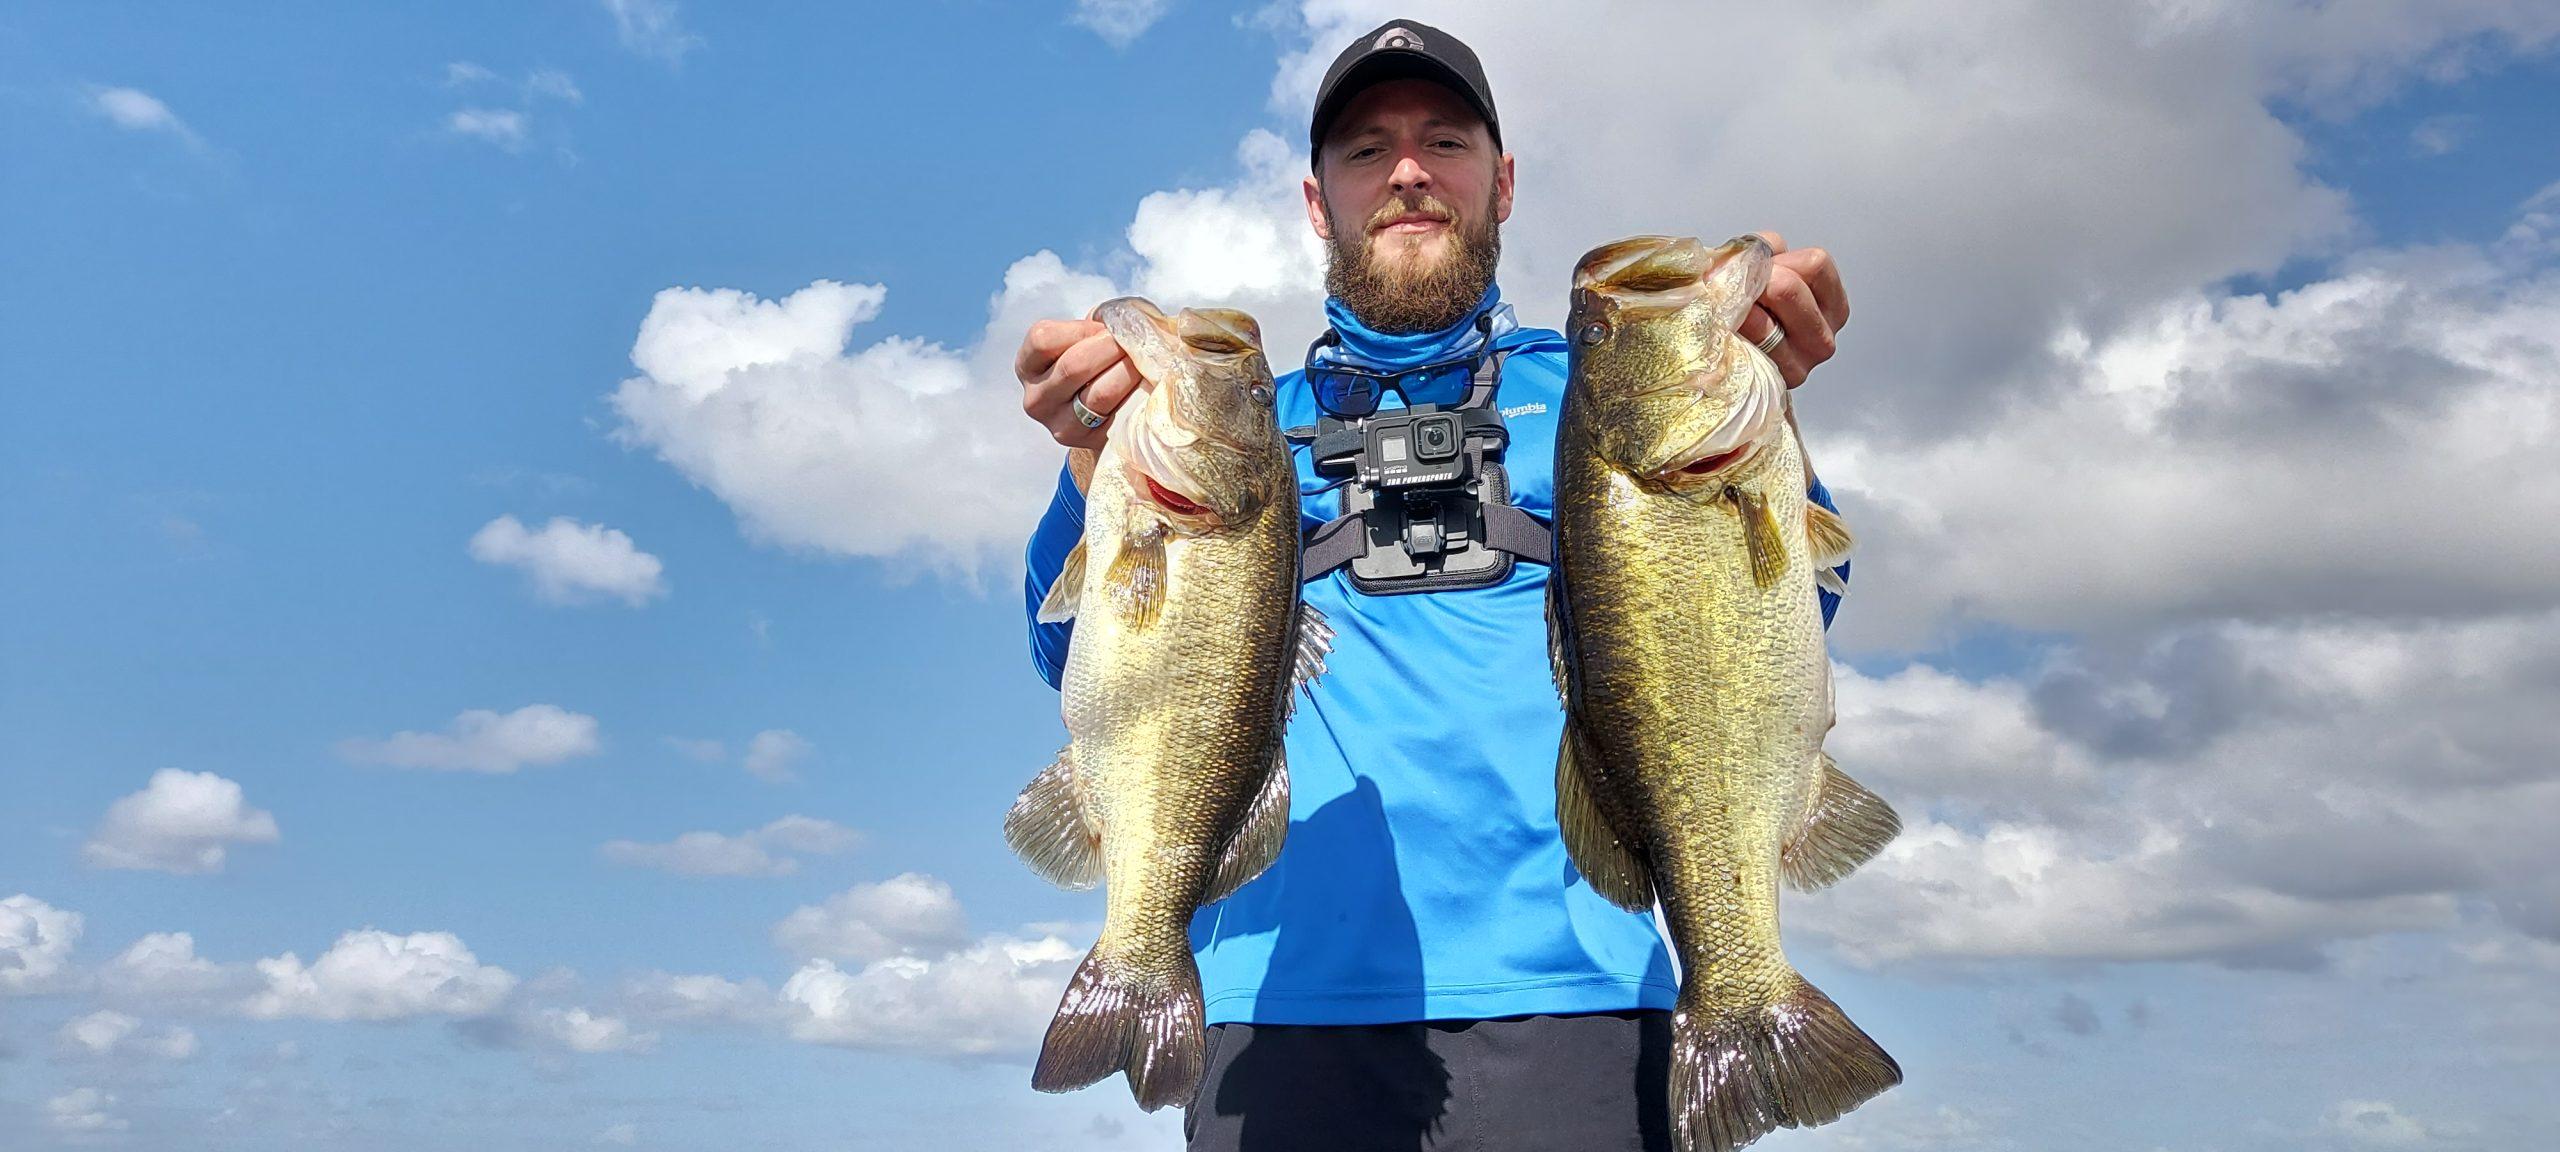 Okeechobee Bass Fishing Charters